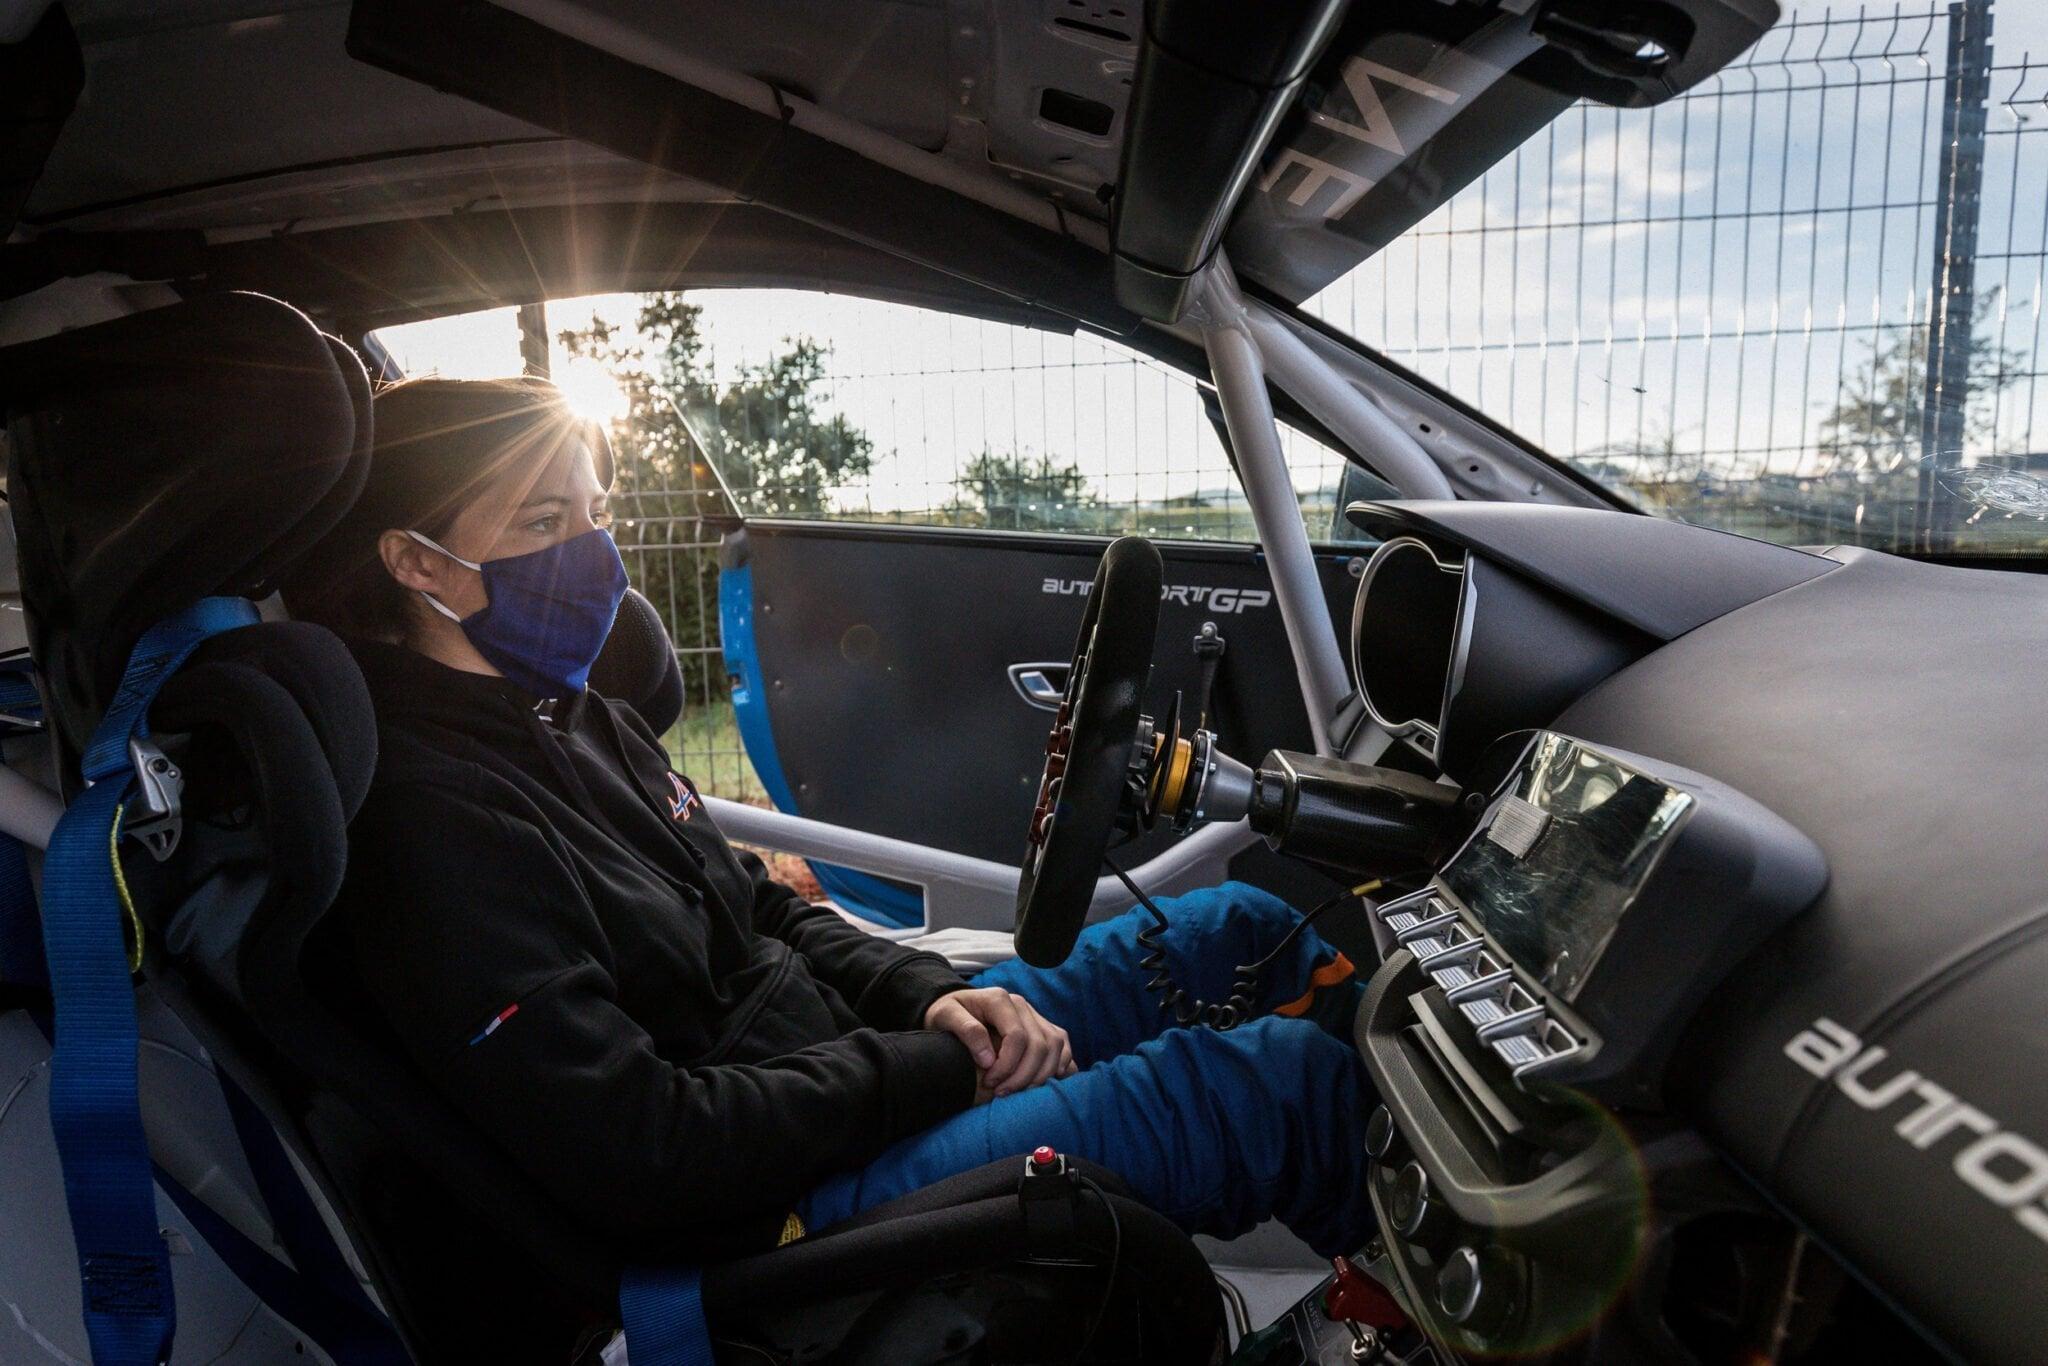 Autosport GP Lilou Wadoux Ducellier Paul Ricard 2020 | Alpine Elf Europa Cup 2020 : L'équipe Autosport GP assurée du titre !